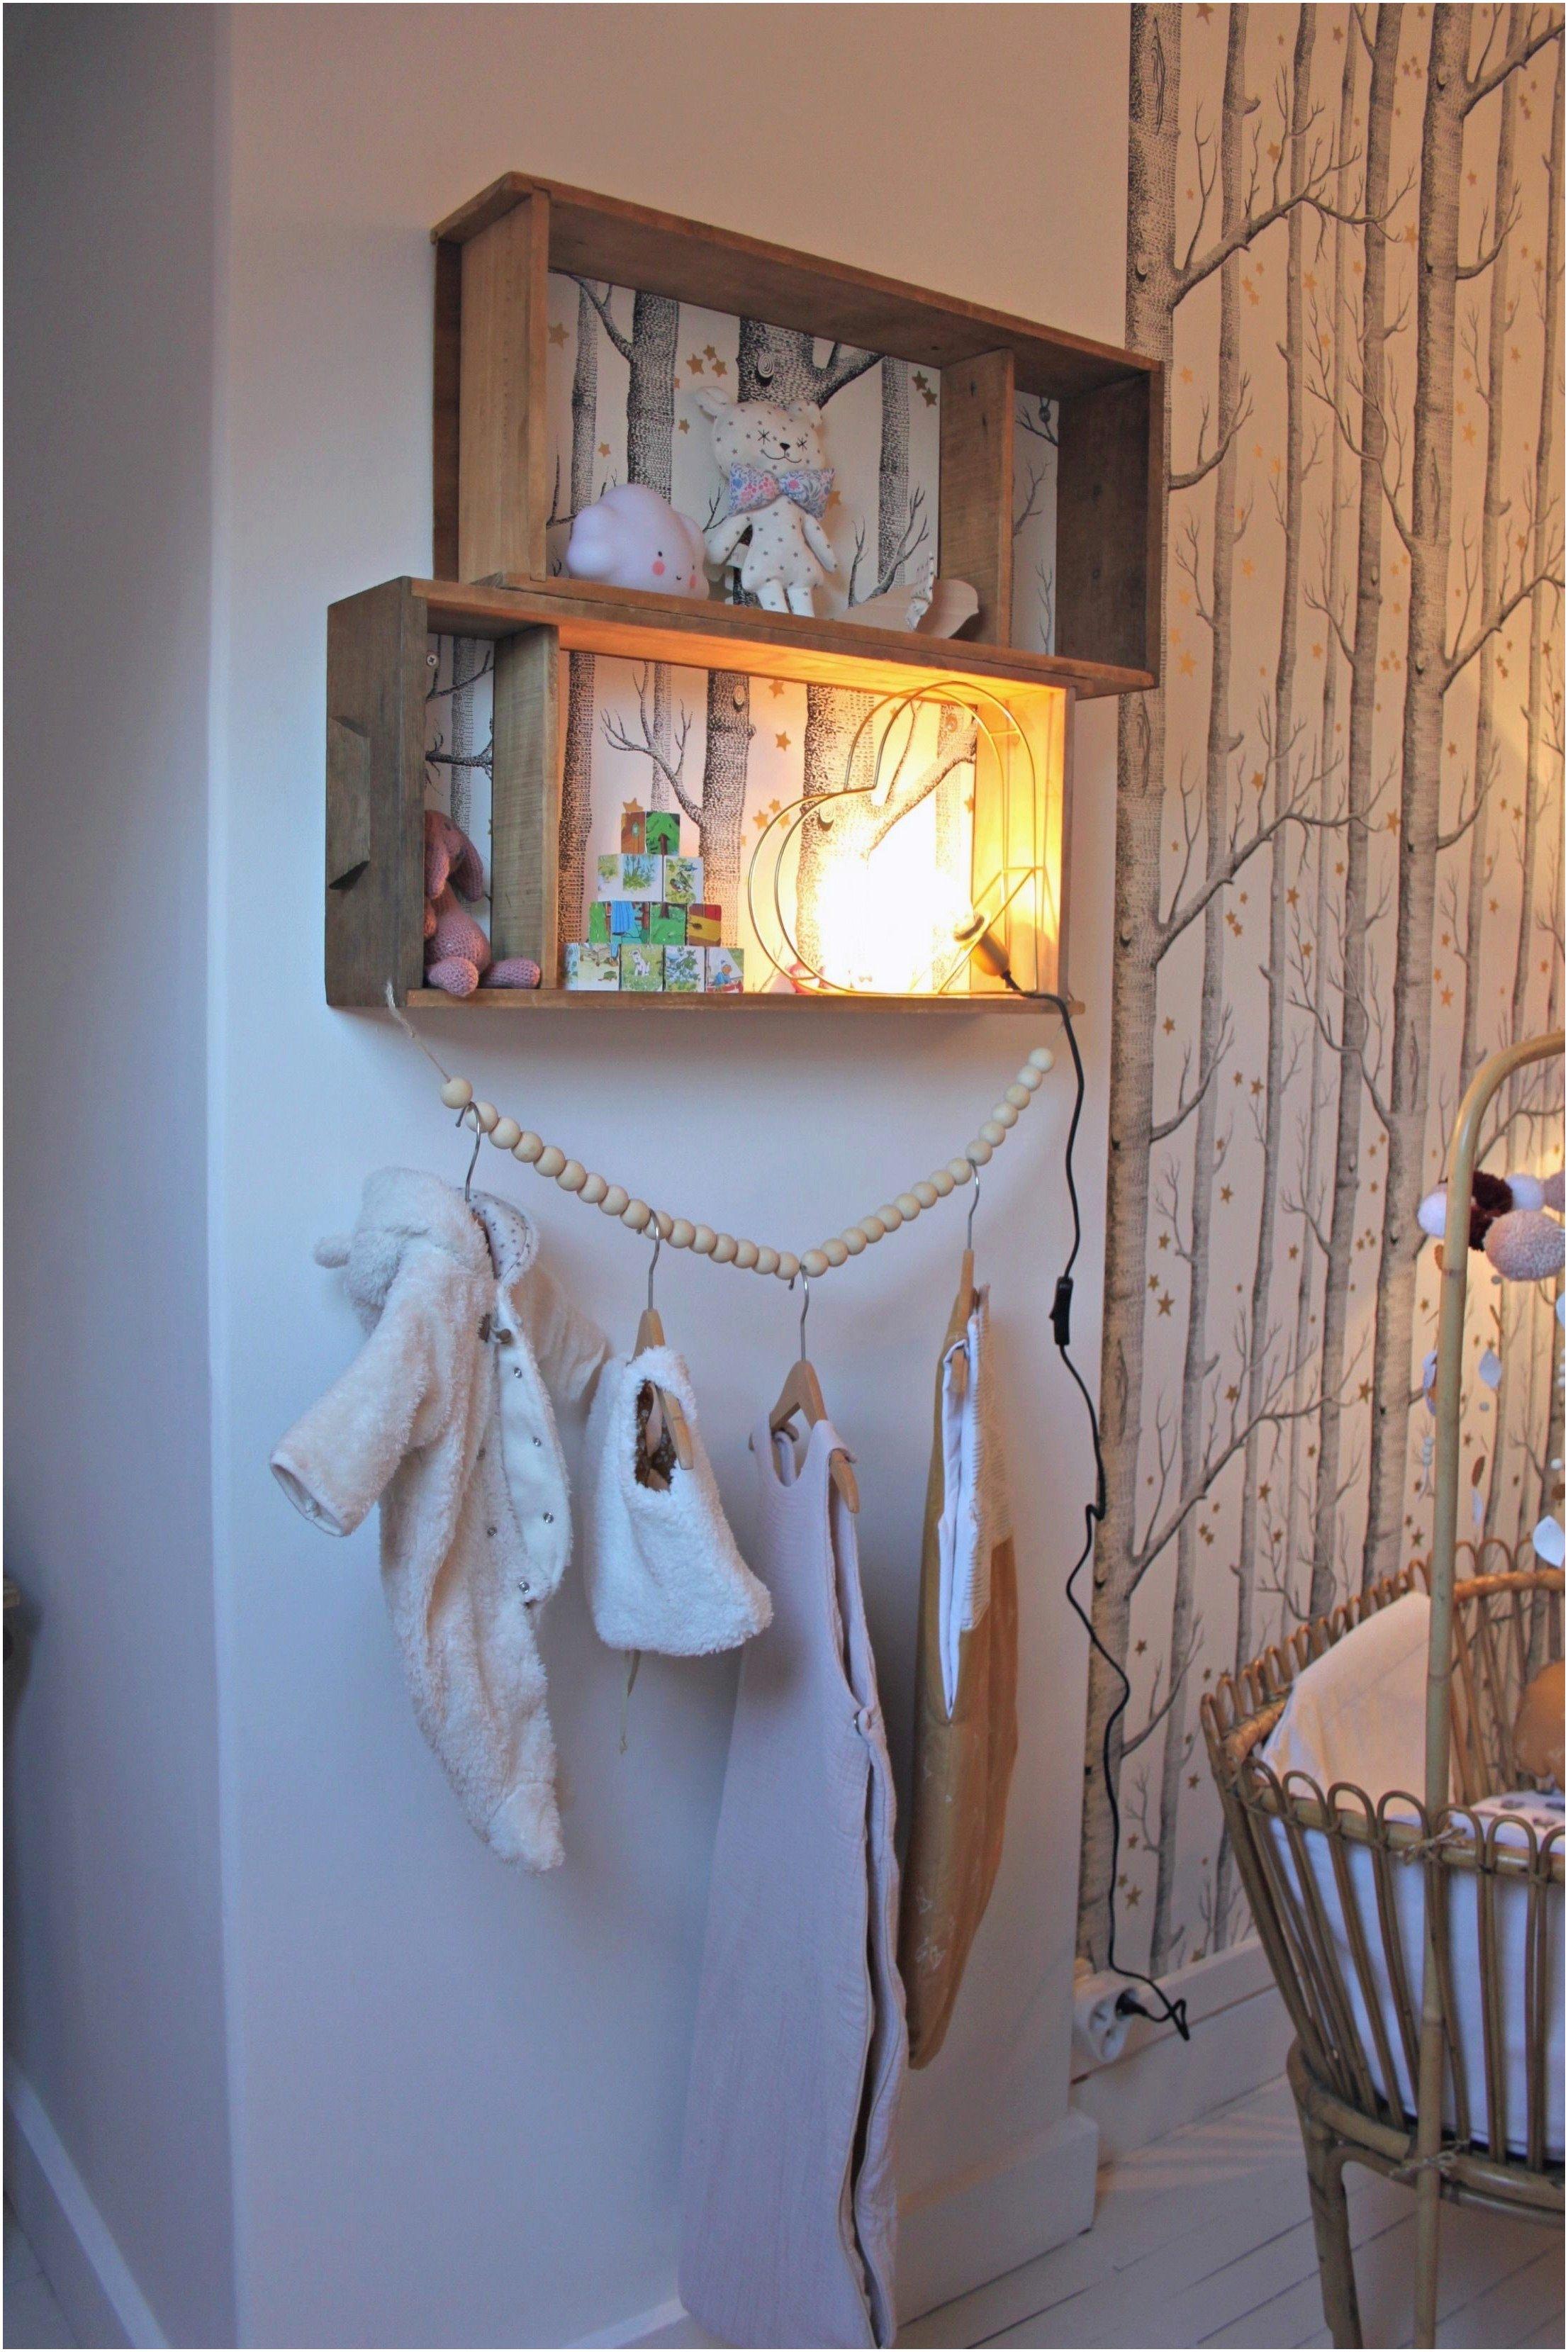 Lit Enfant Avec Bureau Fraîche Rusé Conforama Chambre Enfant Avec Lit Enfant 90 190 Beau Lit Enfant